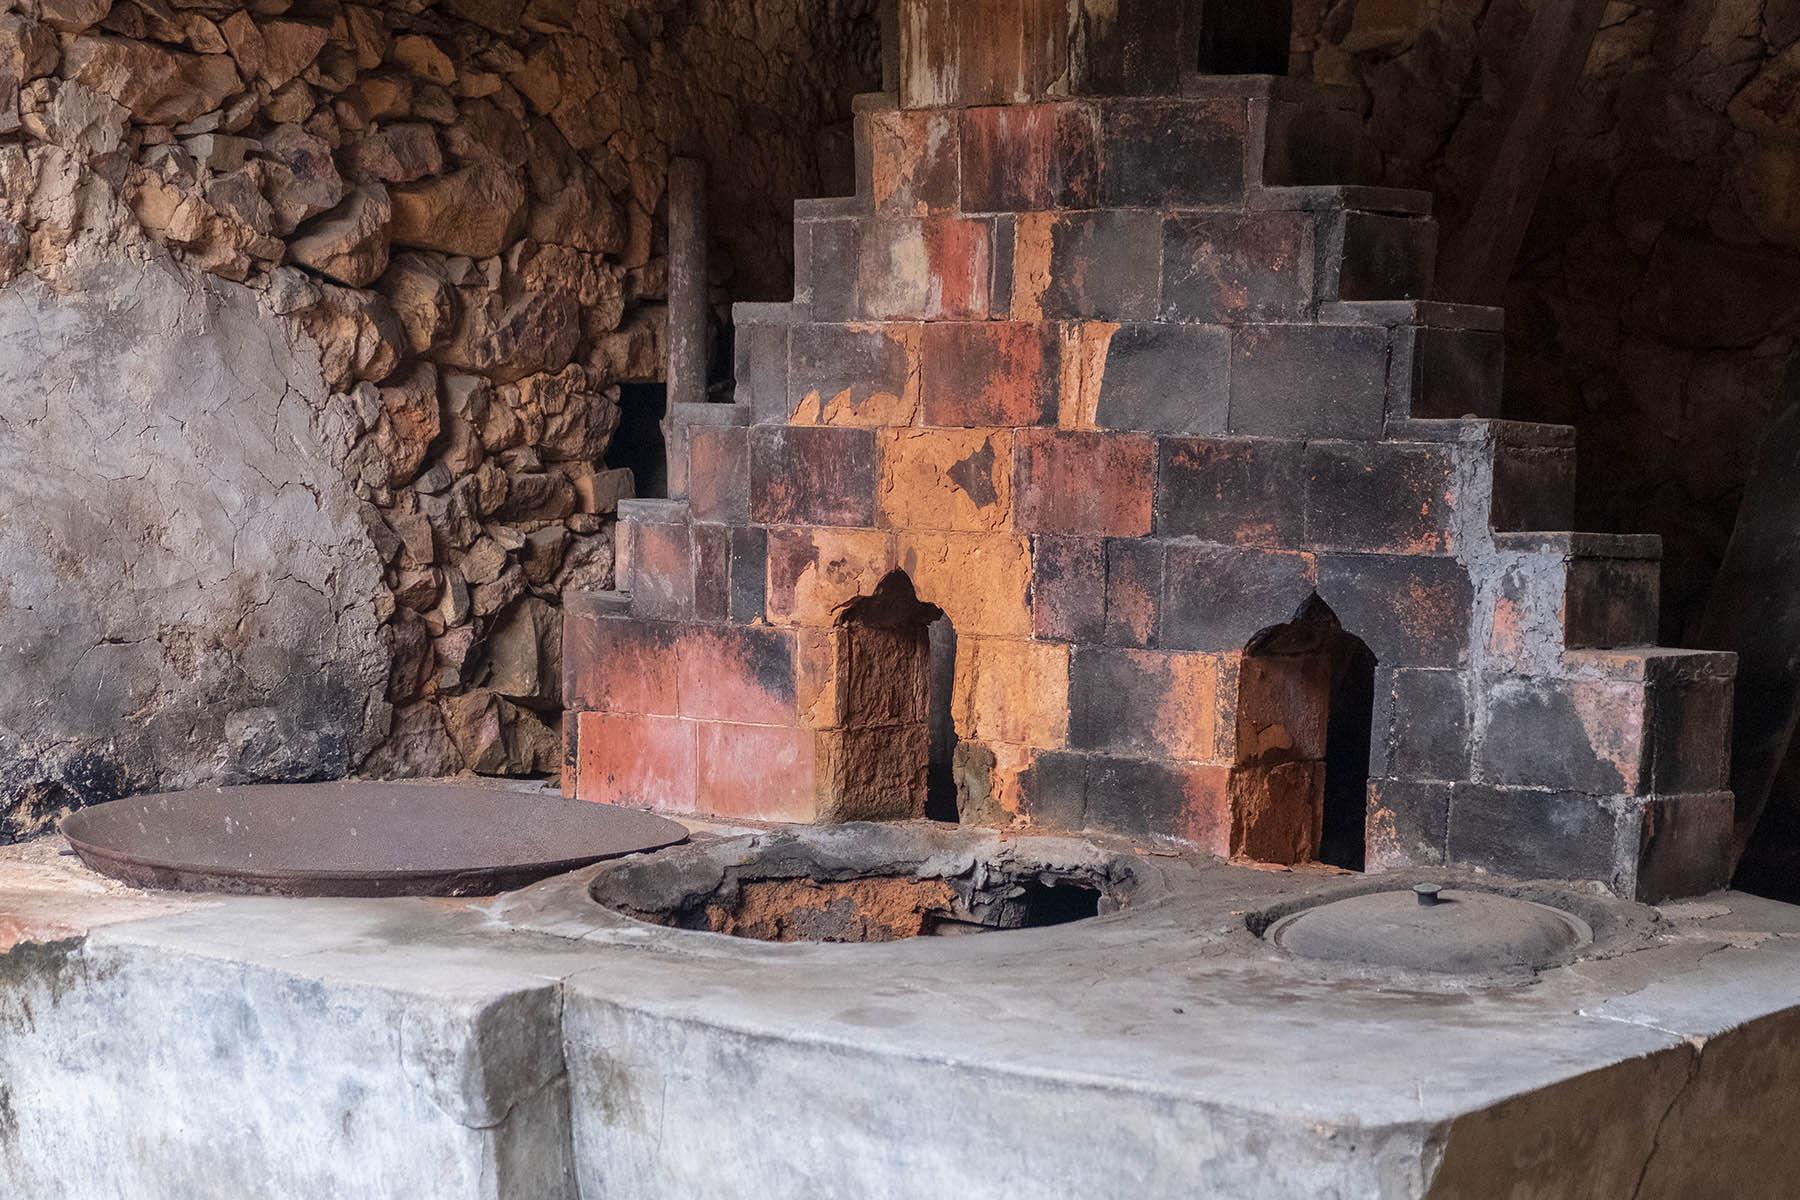 Alte Kochstelle in Zhangjiao in der Provinz Fujian, China